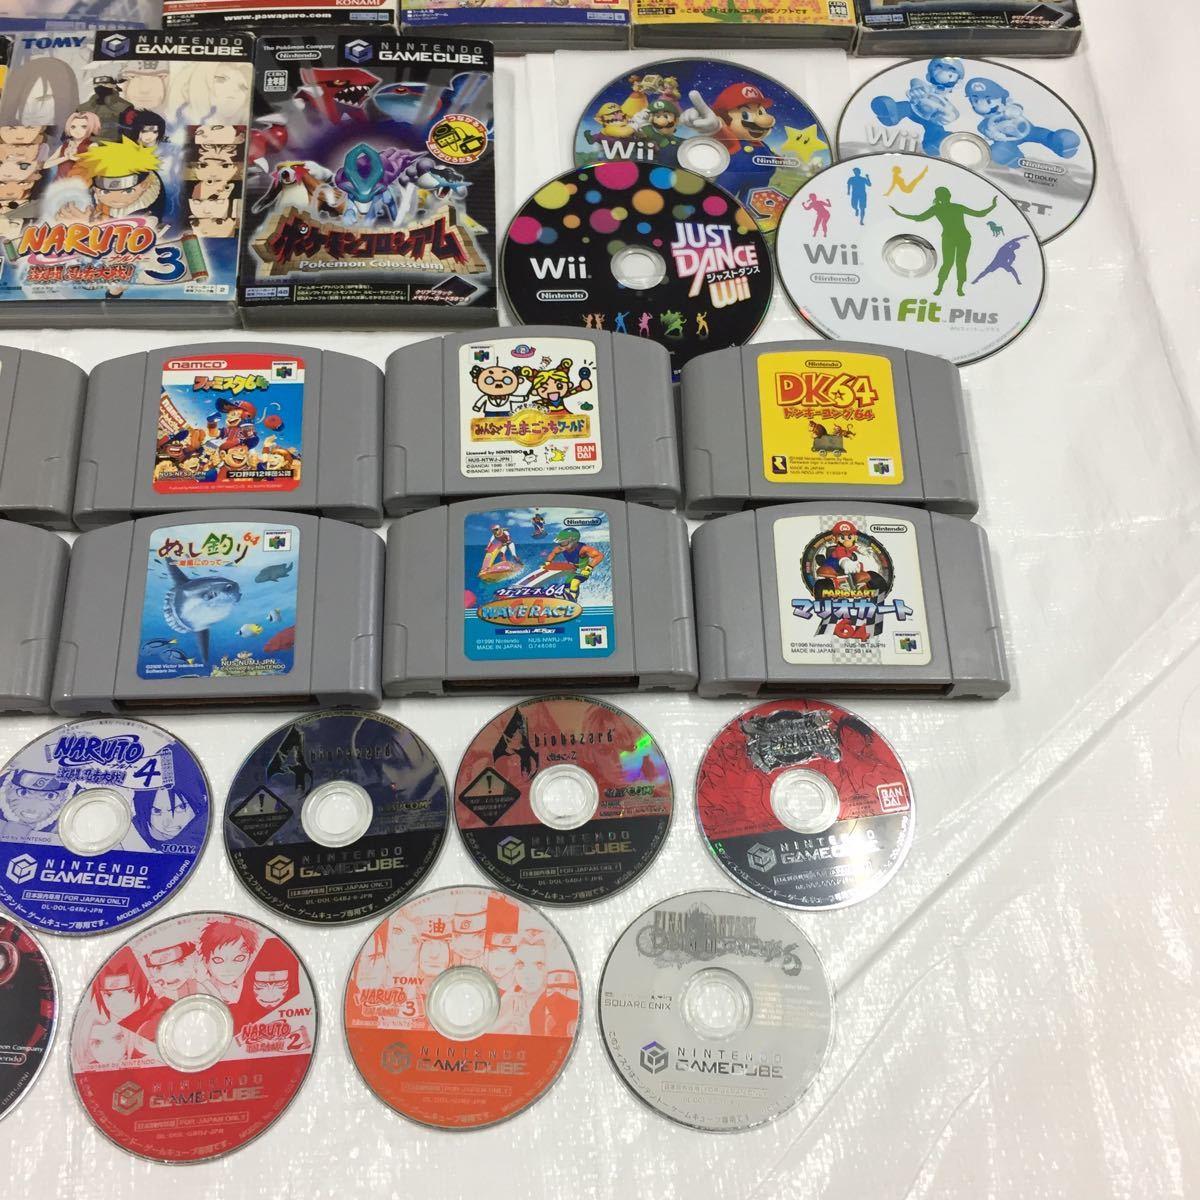 【ジャンク】Wii Wiiu ゲームボーイ ニンテンドー64 ゲームキューブ スイッチ ニンテンドーゲームソフトまとめ売り ソフト大量セット_画像4